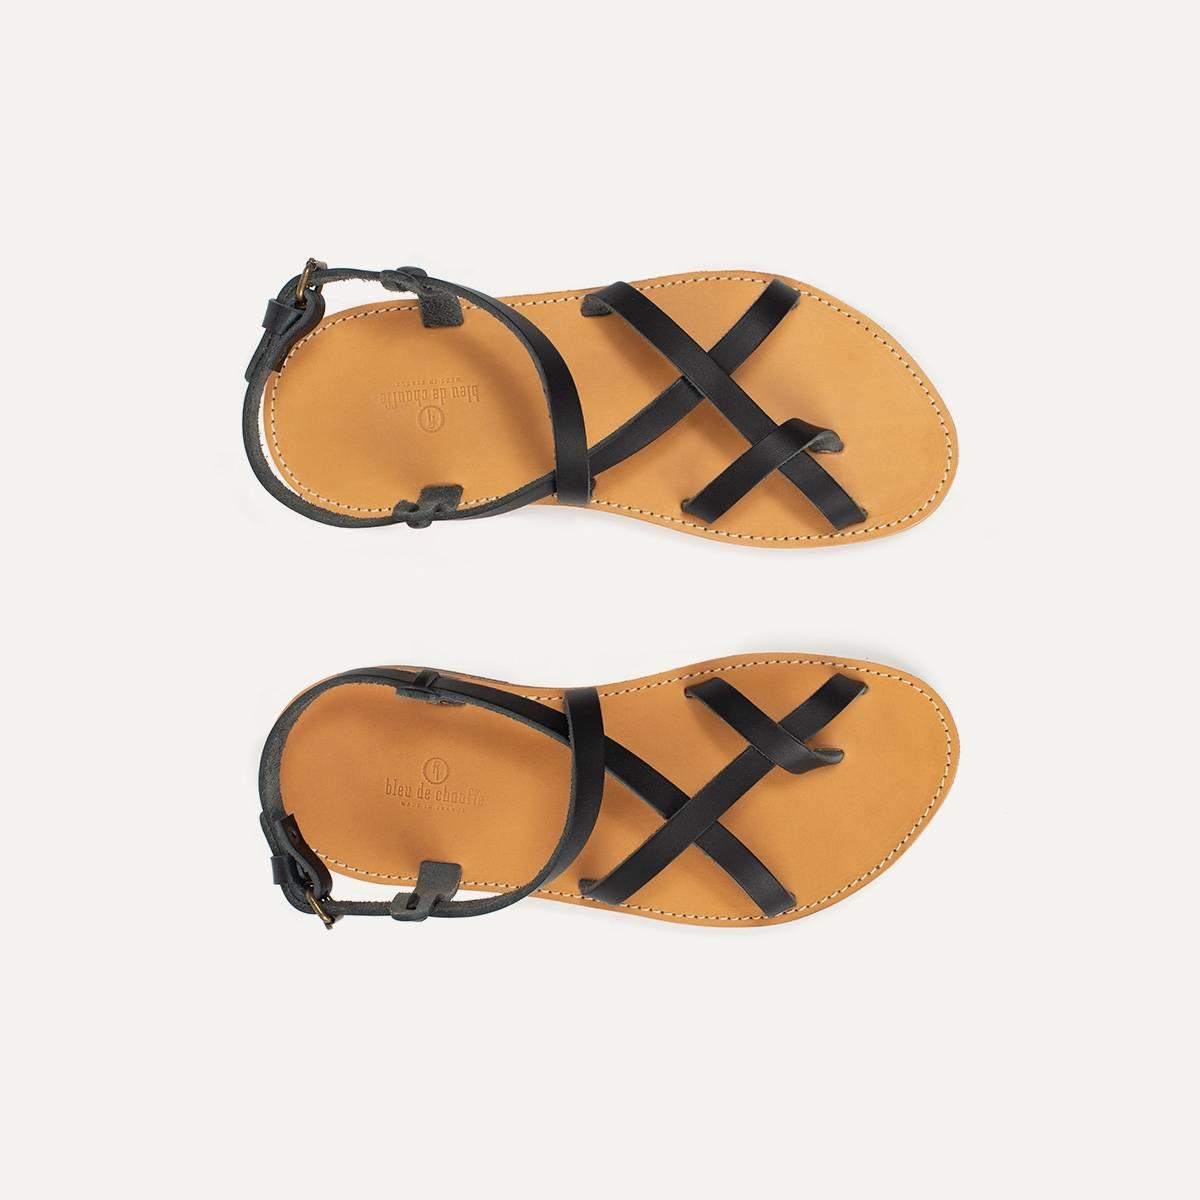 Sandales cuir Nara - Noir (image n°1)